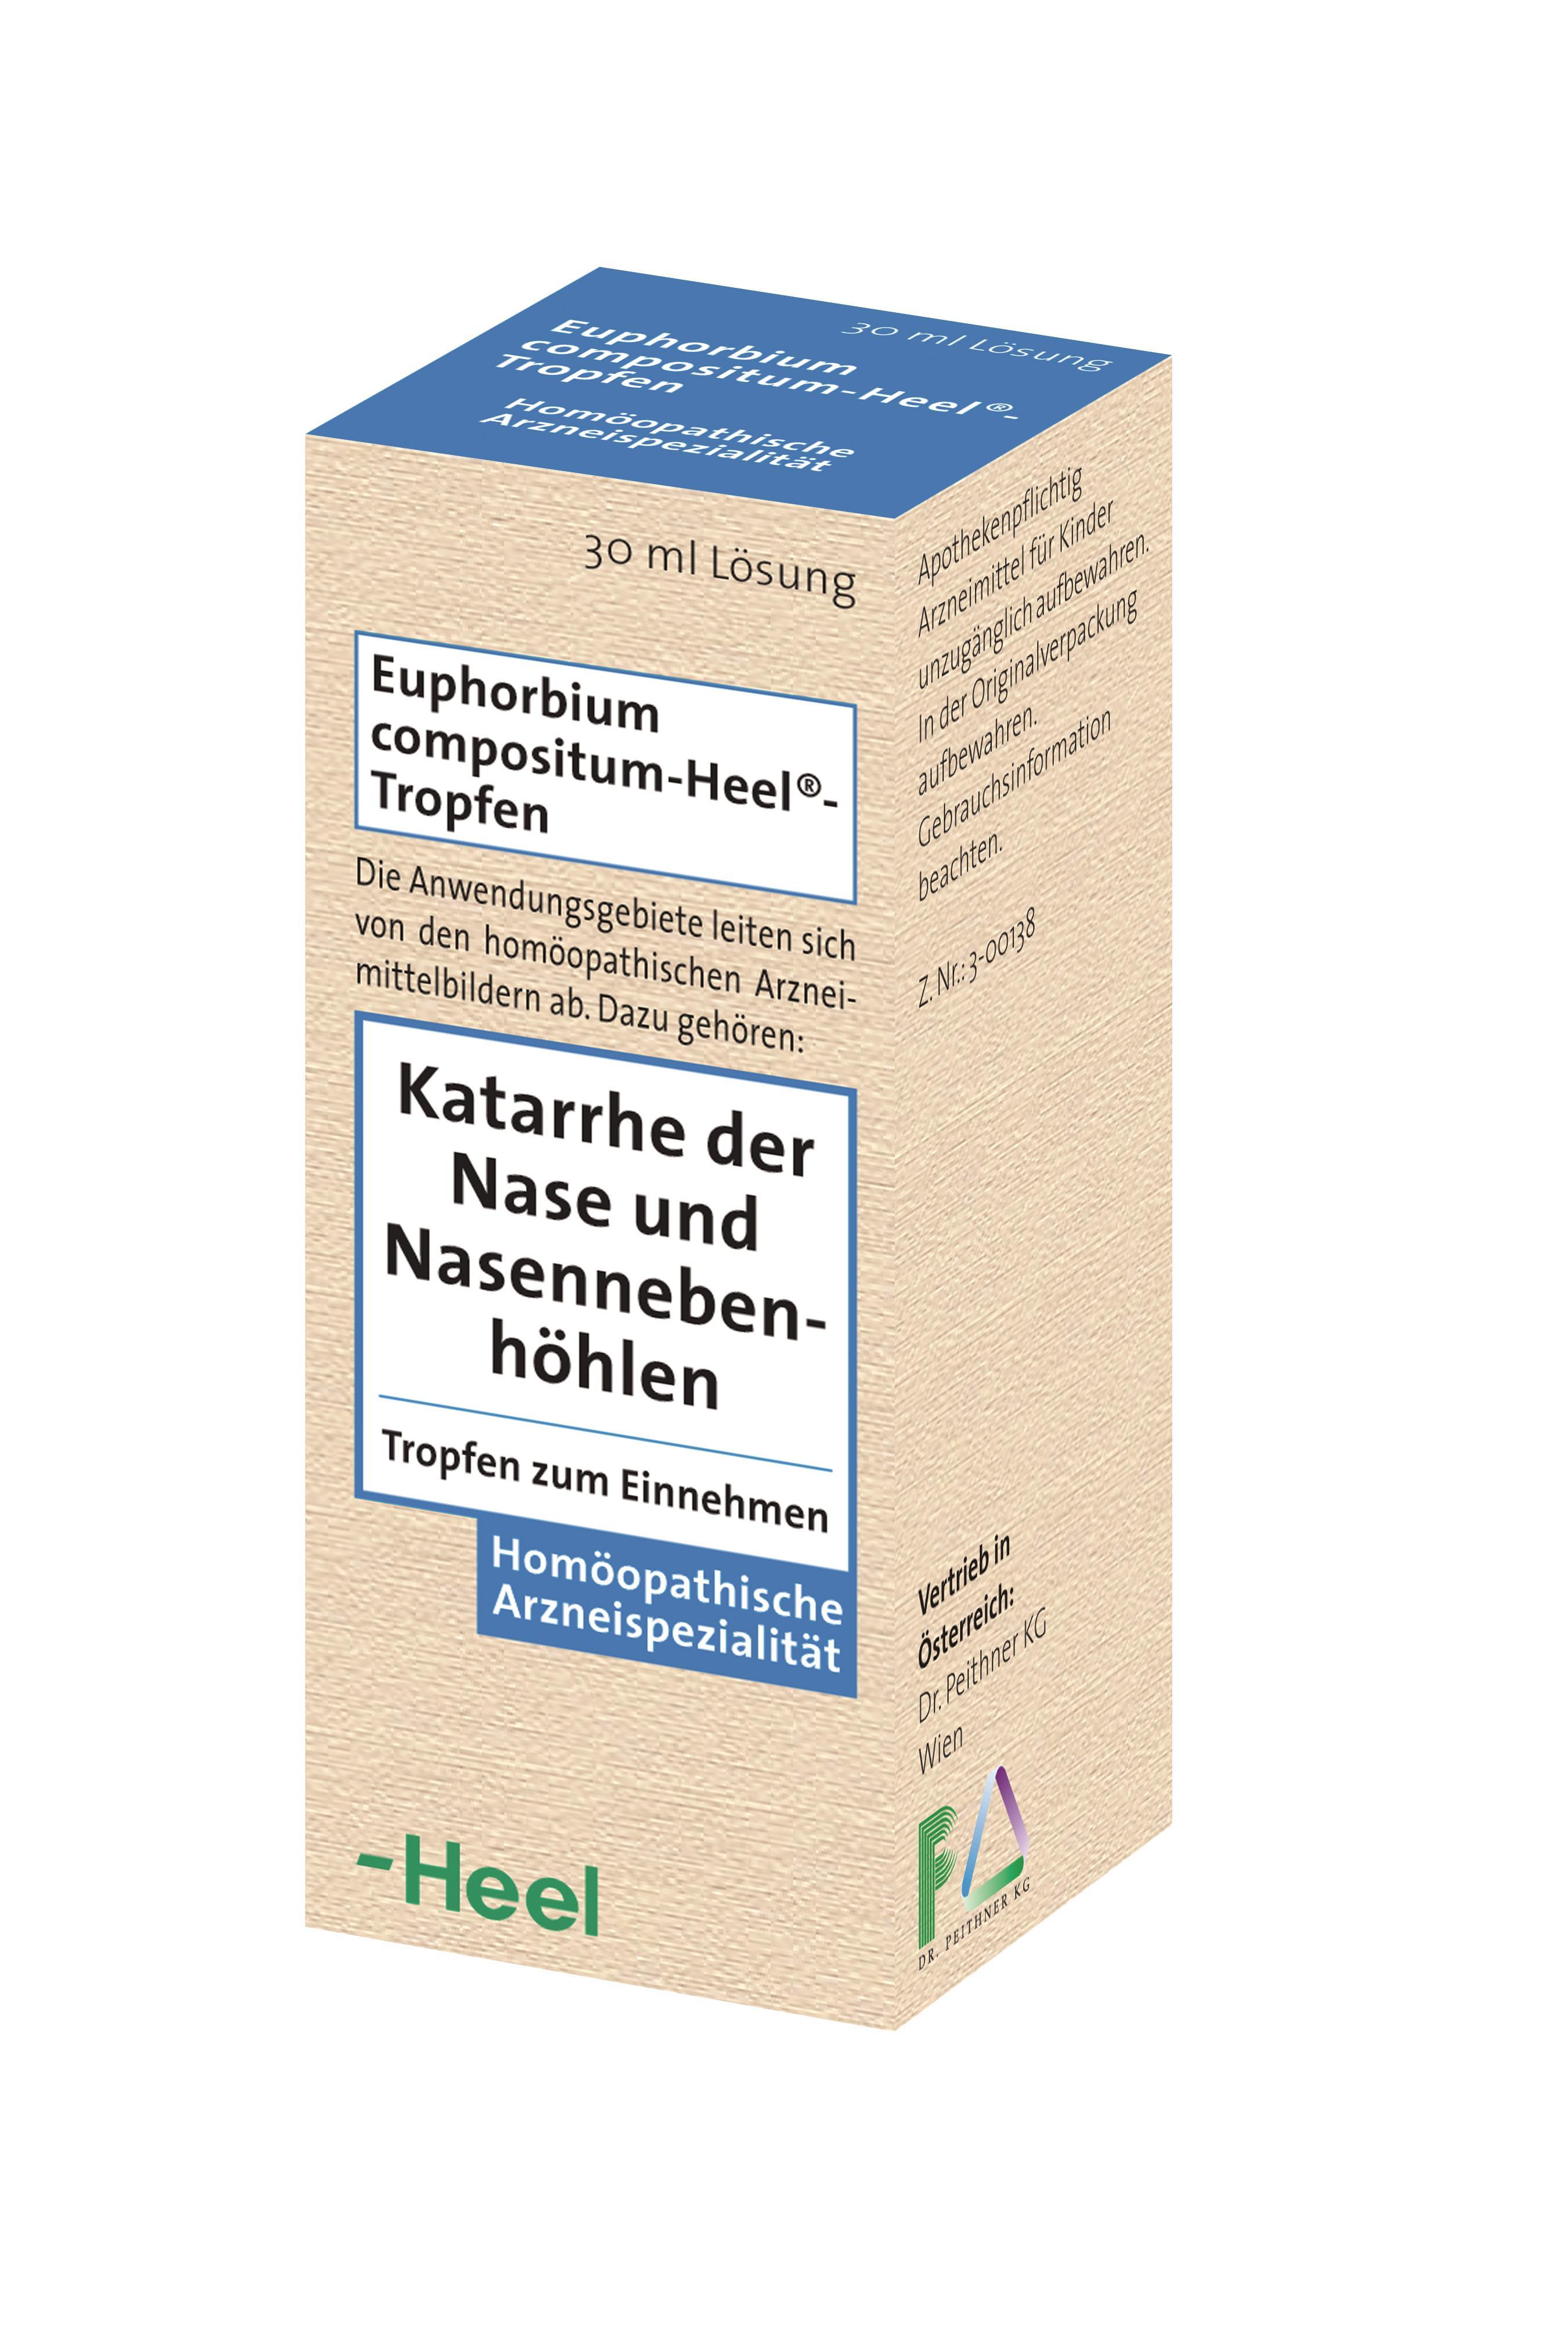 Euphorbium compositum-Heel - Tropfen